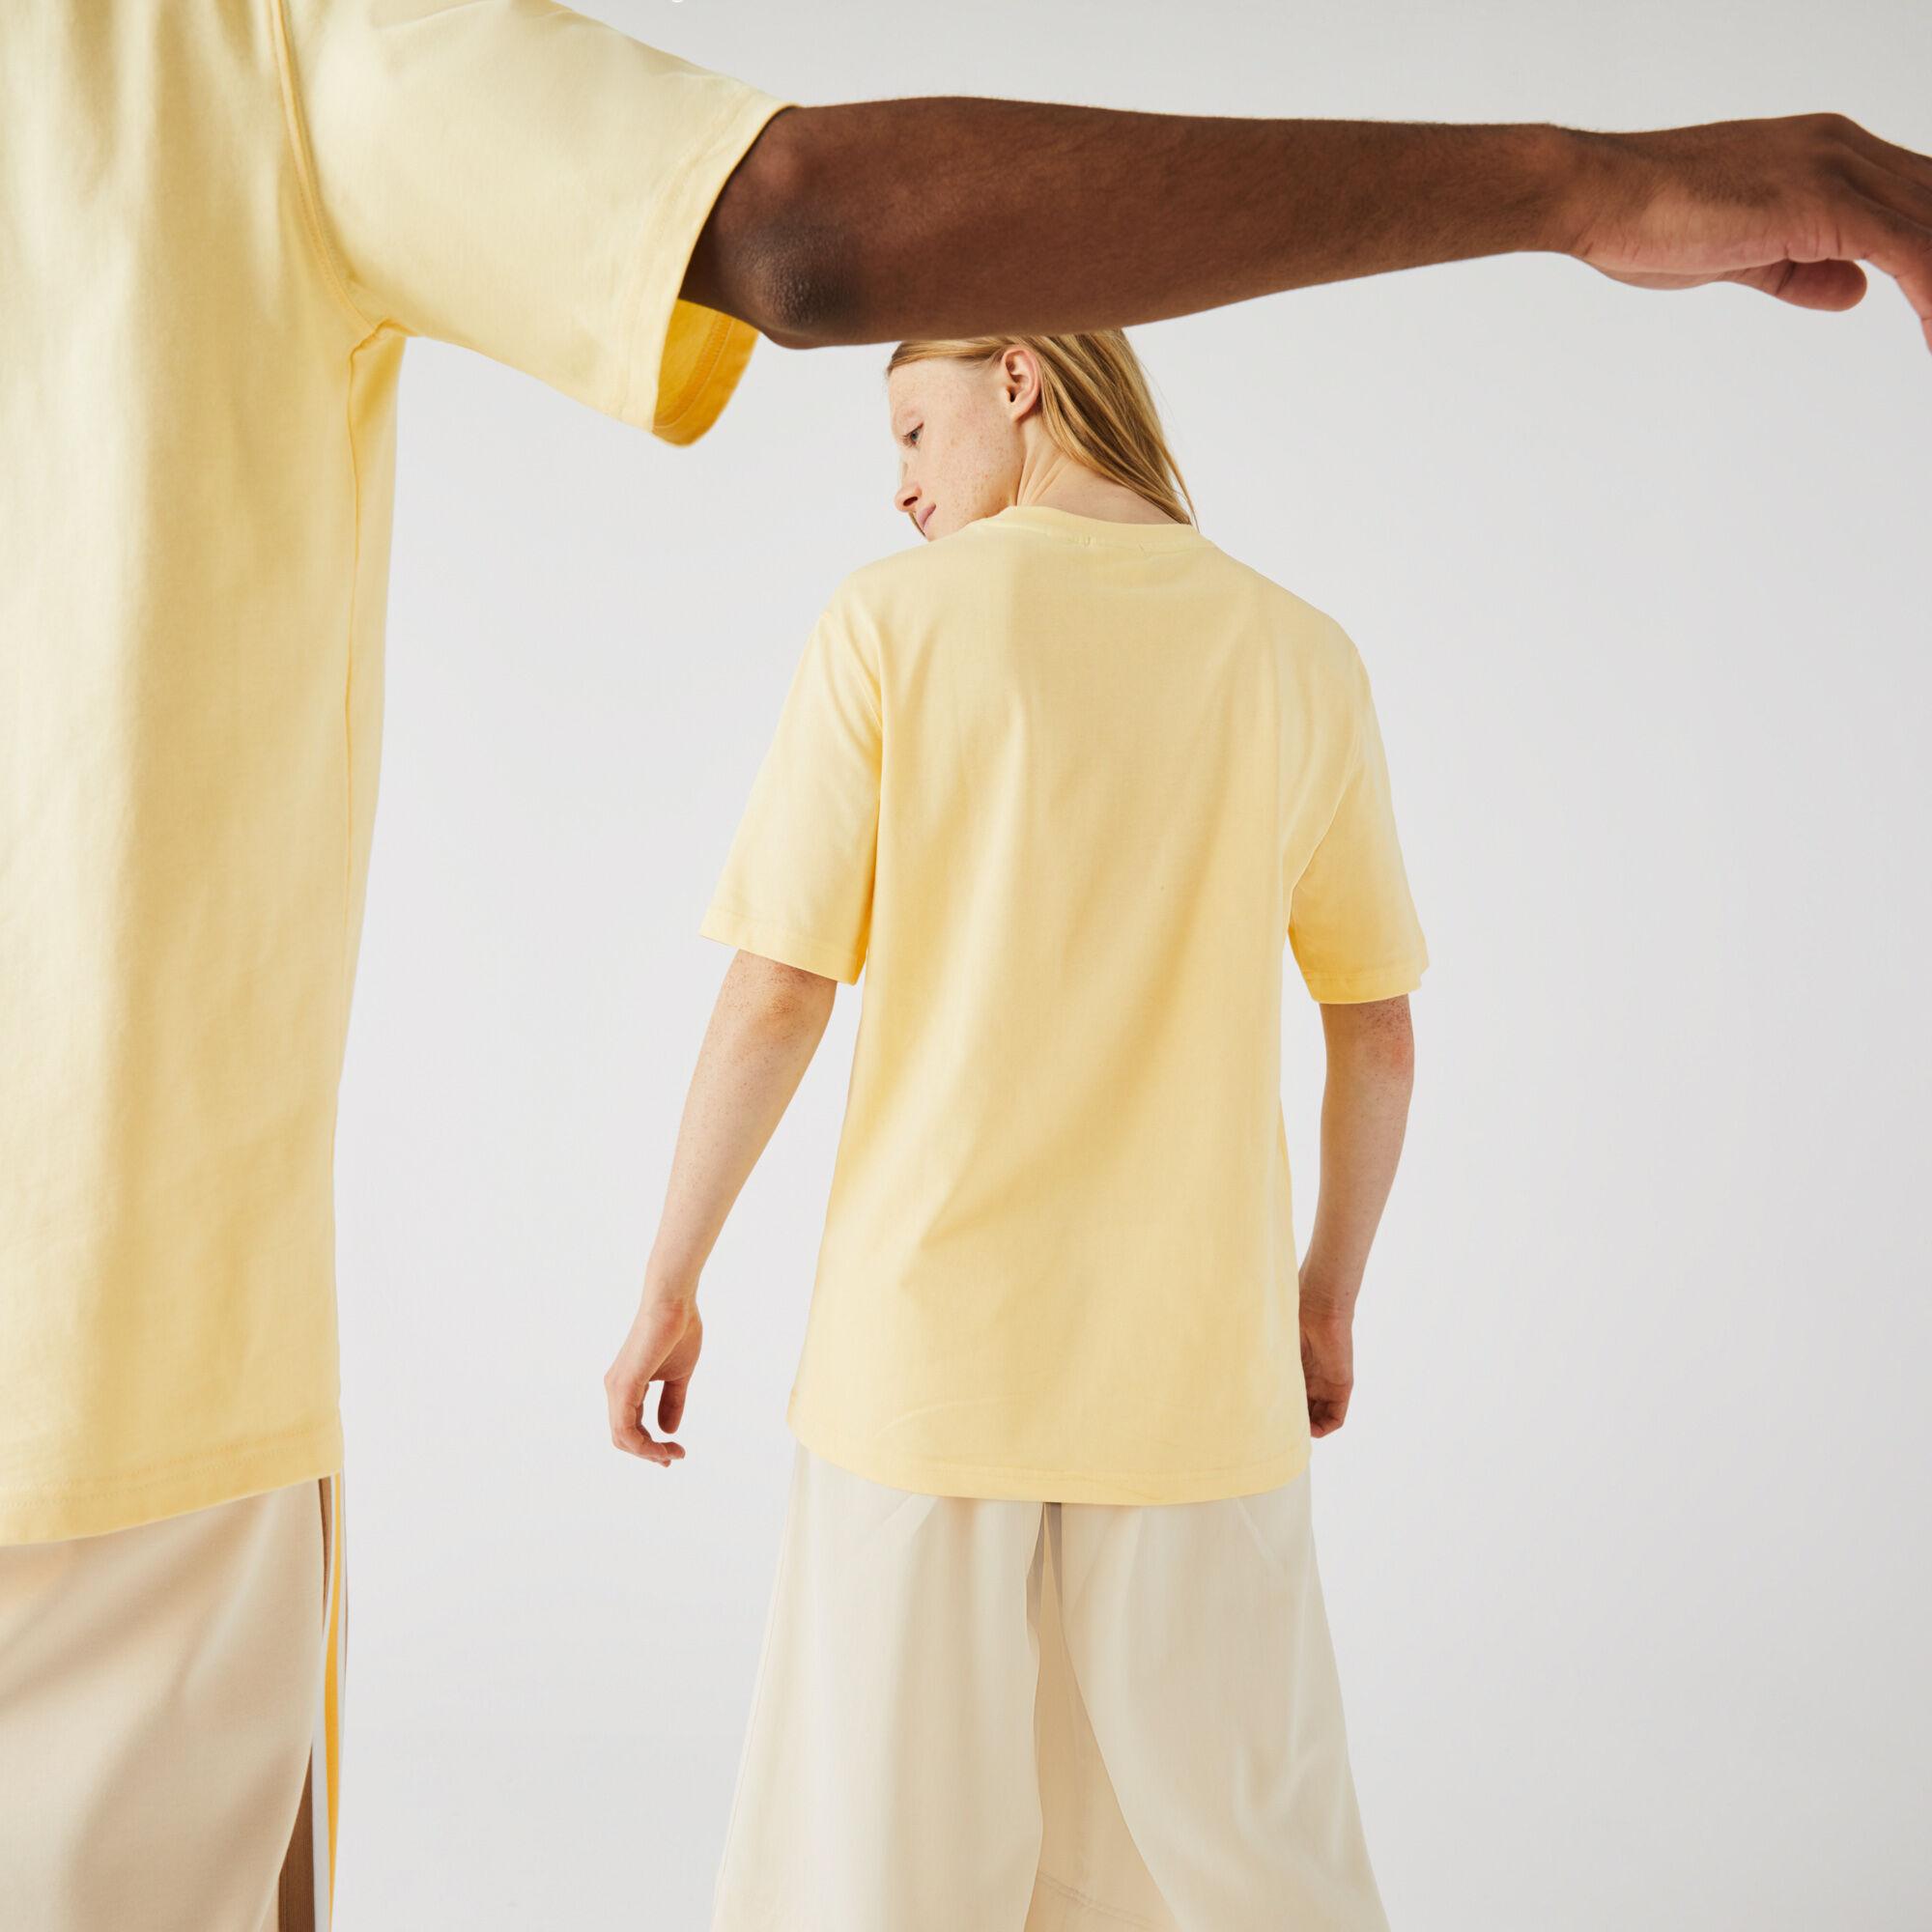 تي شيرت قطن للجنسين بحروف وقصة فضفاضة مجموعة Lacoste LIVE